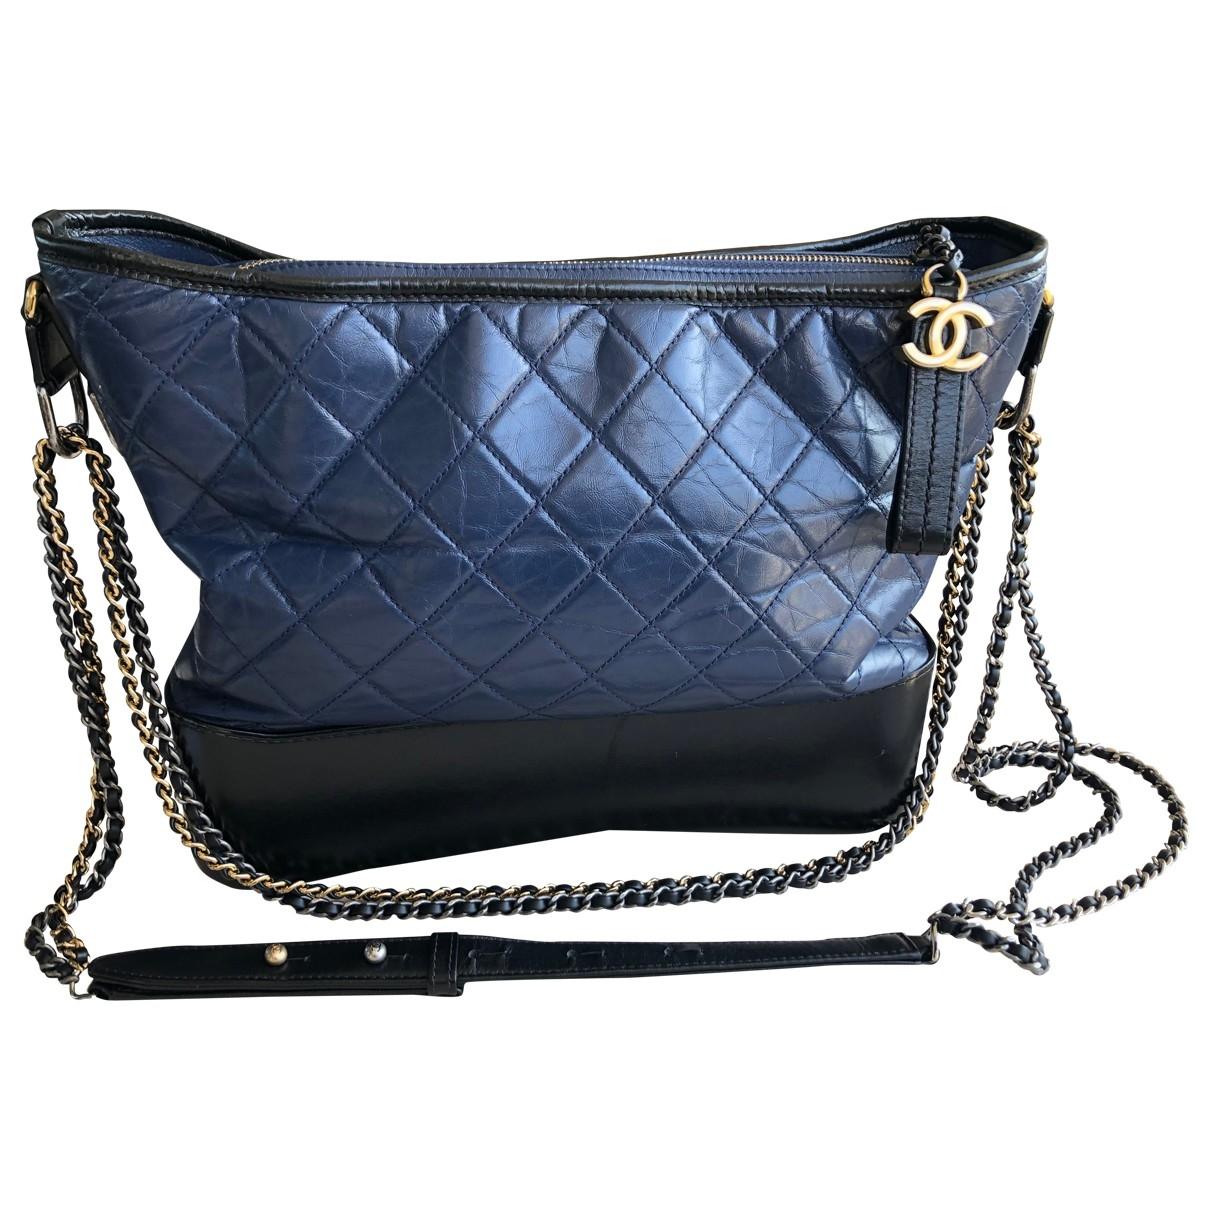 Chanel - Sac a main Gabrielle pour femme en cuir - bleu